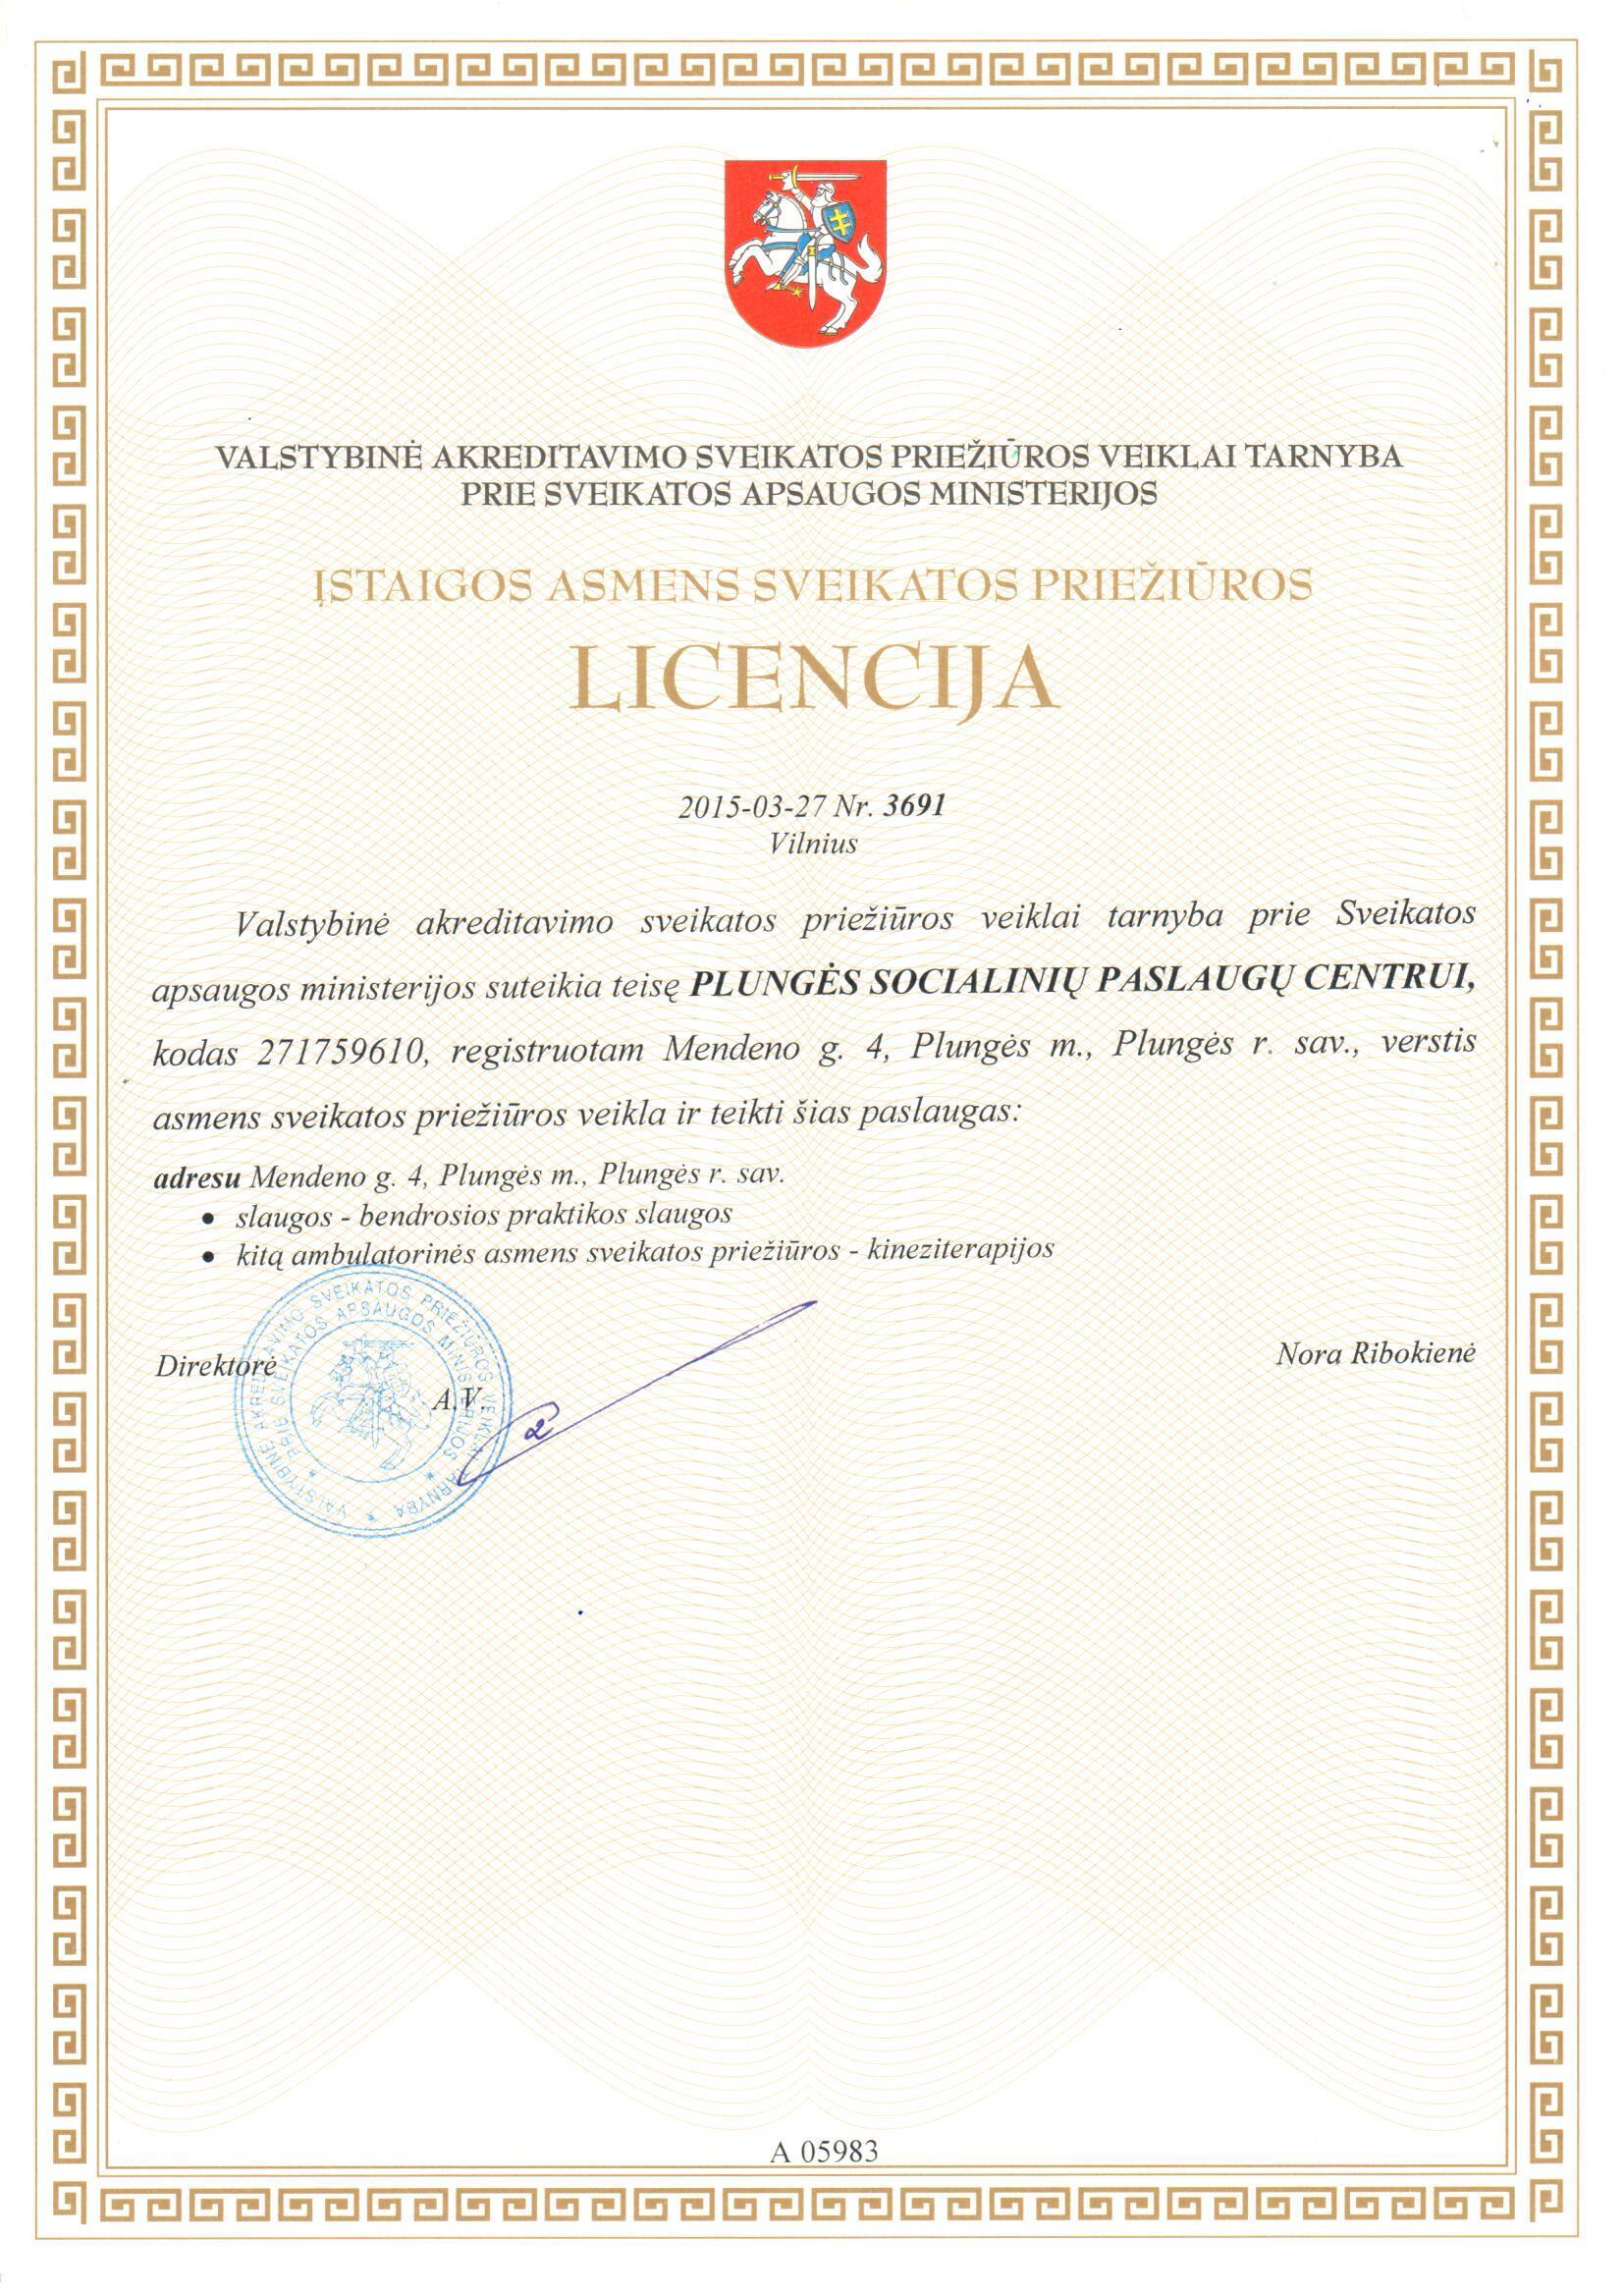 Įstaigos asmens sveikatos priežiūros licencija